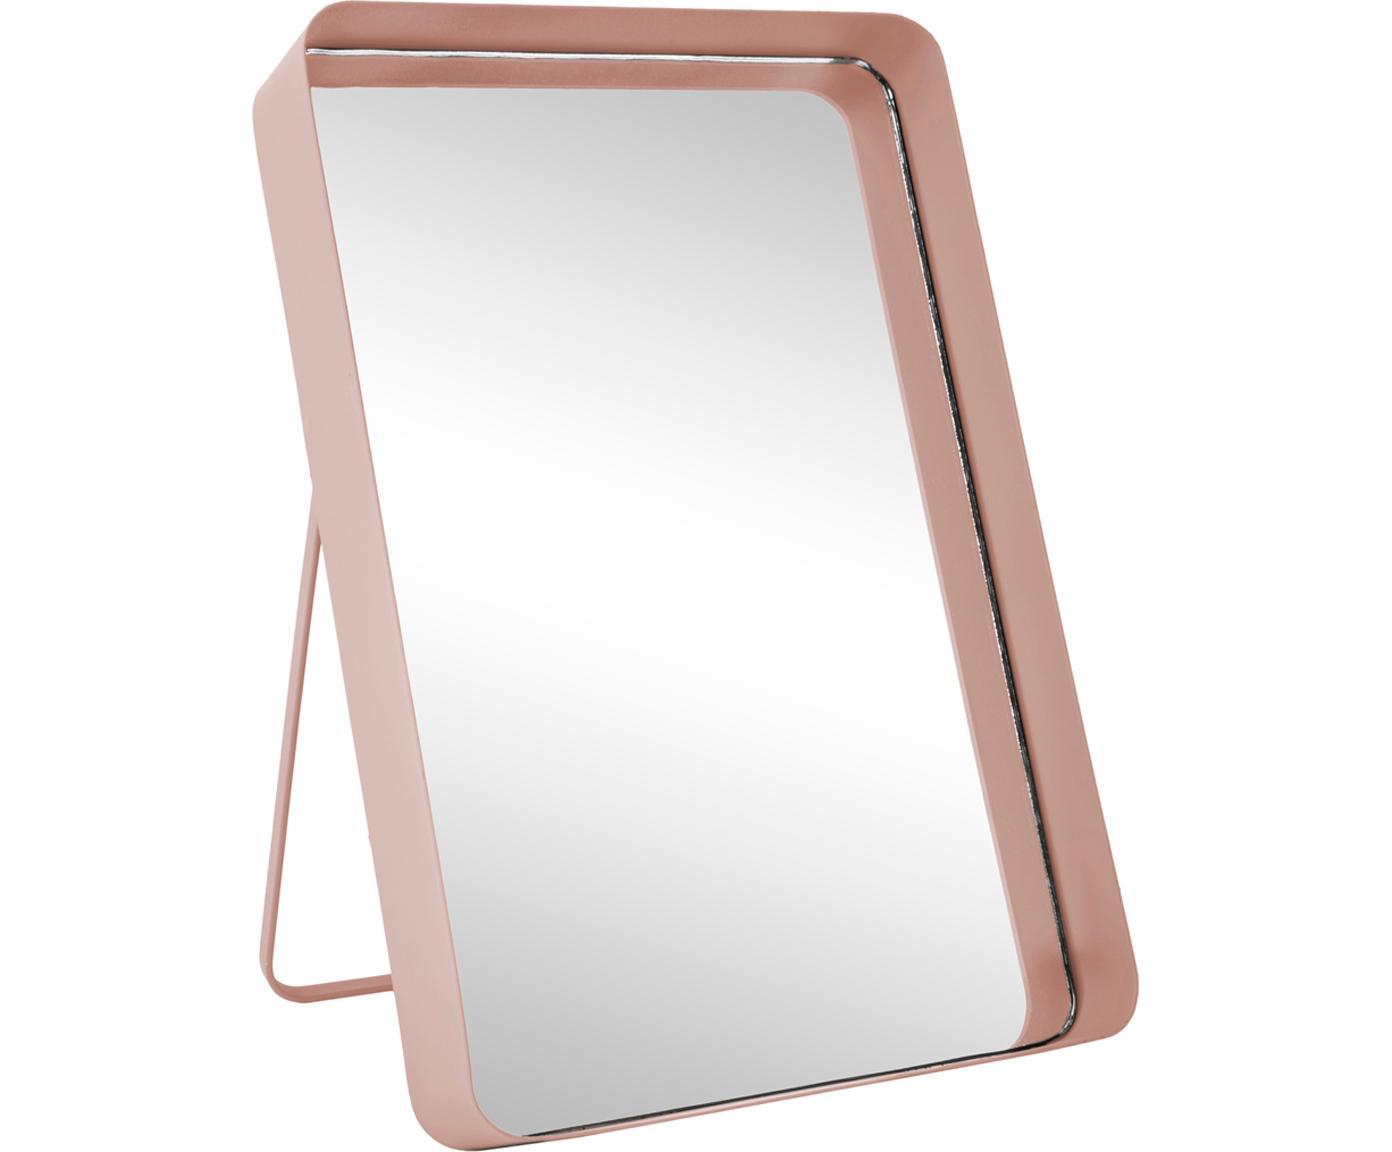 Lusterko kosmetyczne Vogue, Blady różowy, S 22 x W 33 cm